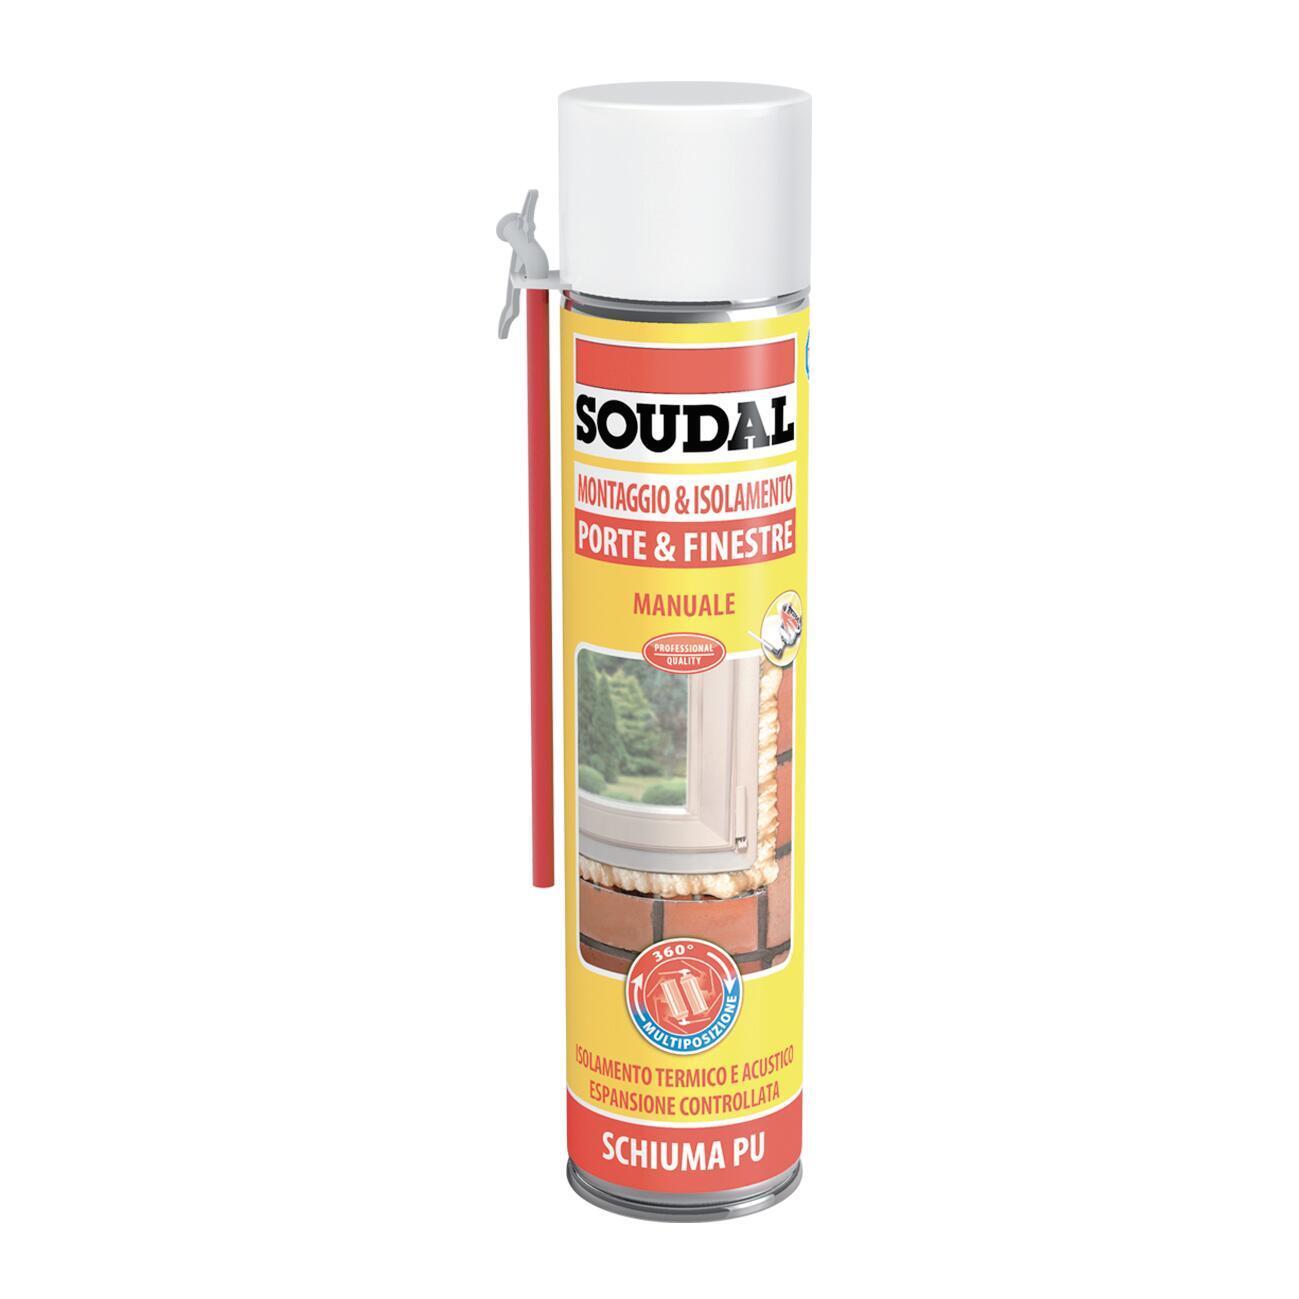 Schiuma di poliuretano SOUDAL Porte e finestre ecru per porta 0,6 ml - 1